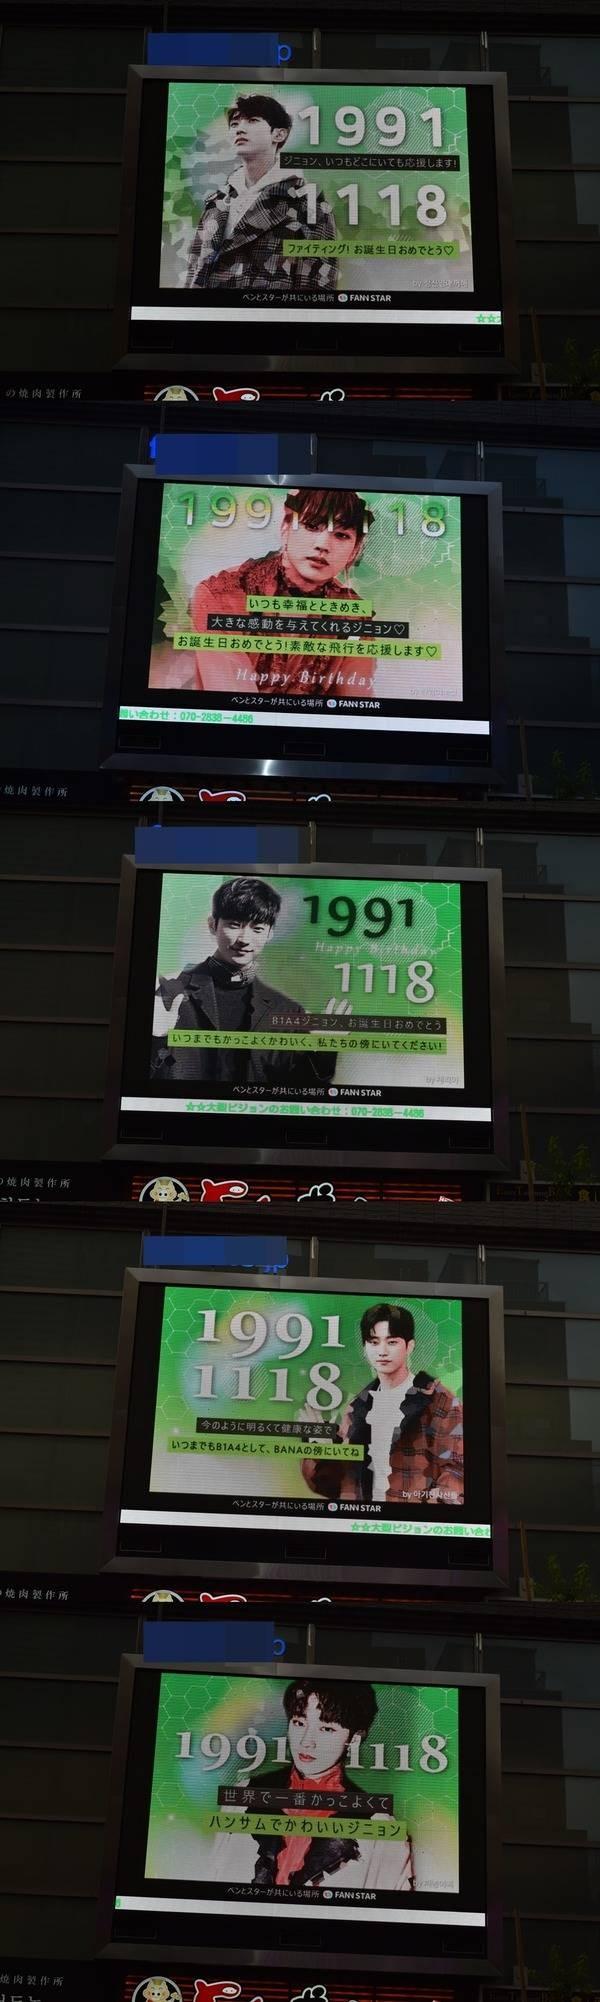 """""""생일 축하해""""…B1A4 진영, 생일 맞아 日서 전광판 상영"""